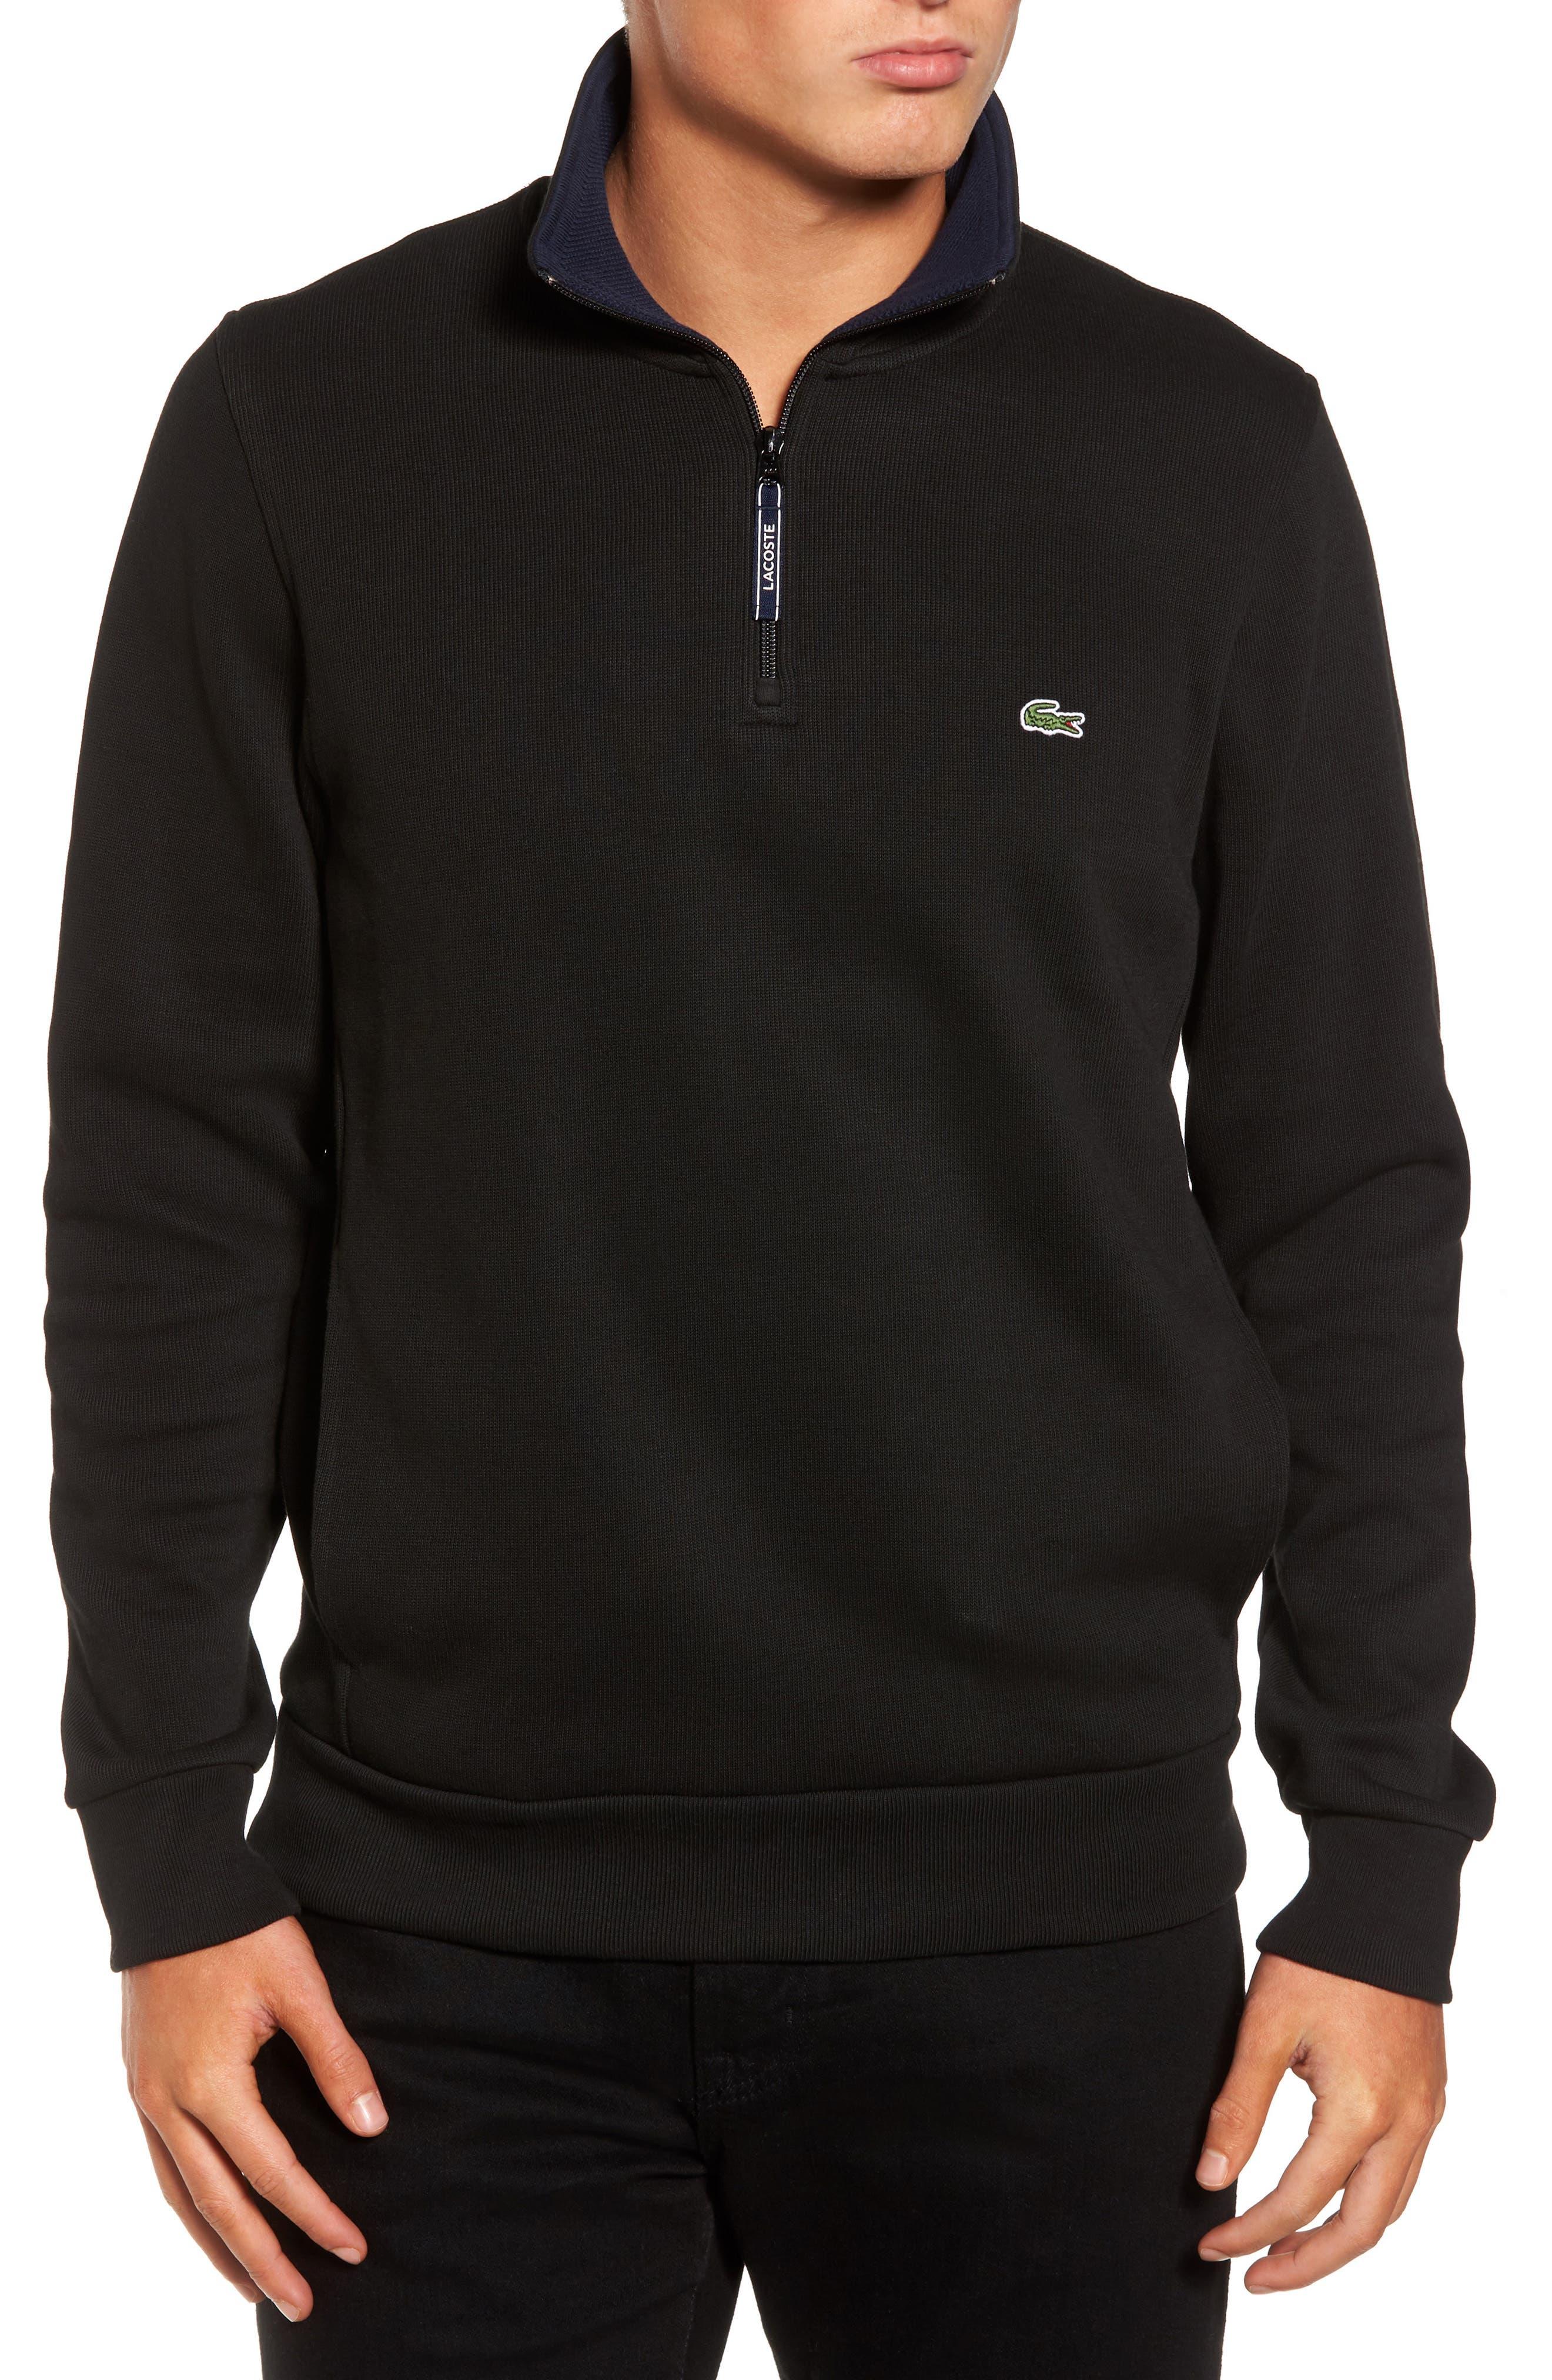 Lacoste Quarter Zip Sweatshirt